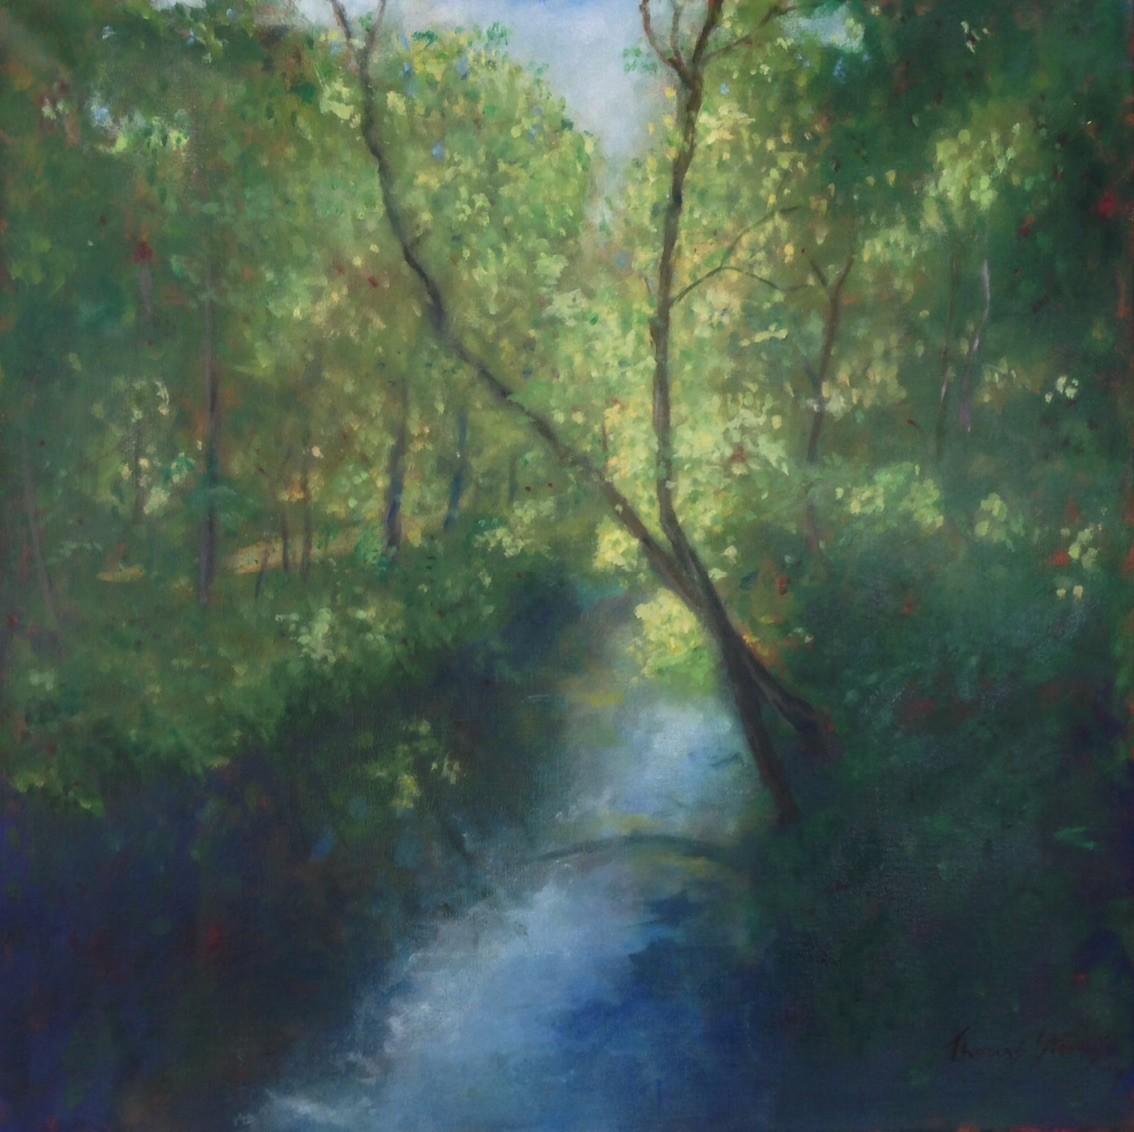 Riverwalk Bridge View East    36.072697N  79.10117W by Thomas Stevens